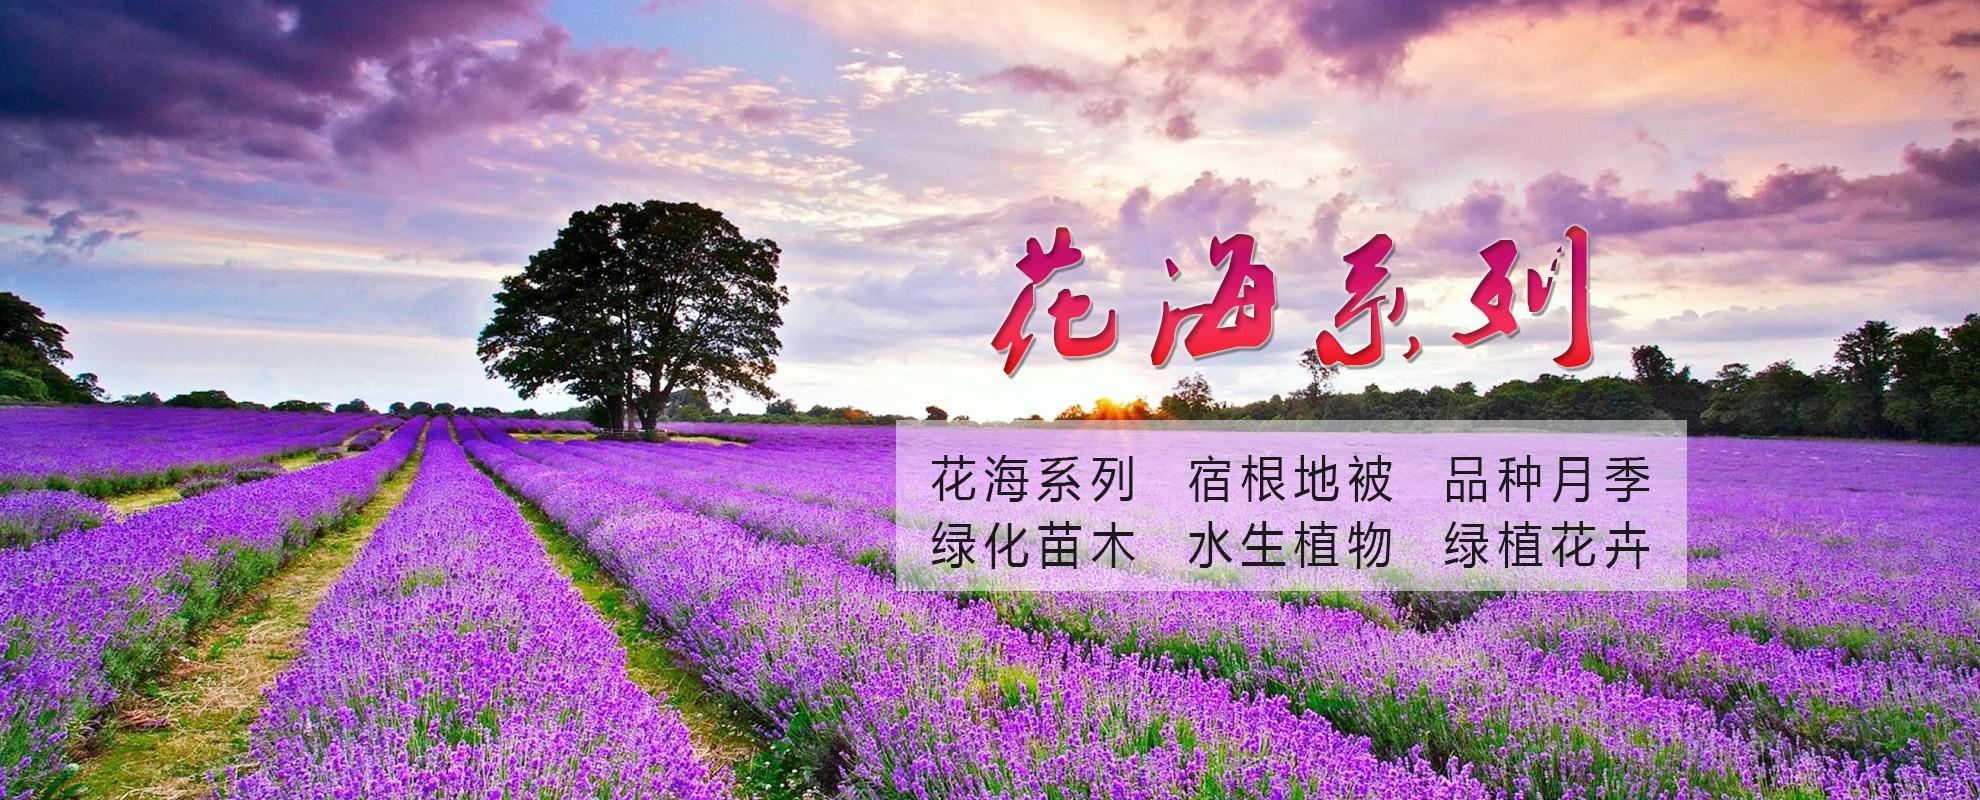 青州市润泽温室园艺有限公司